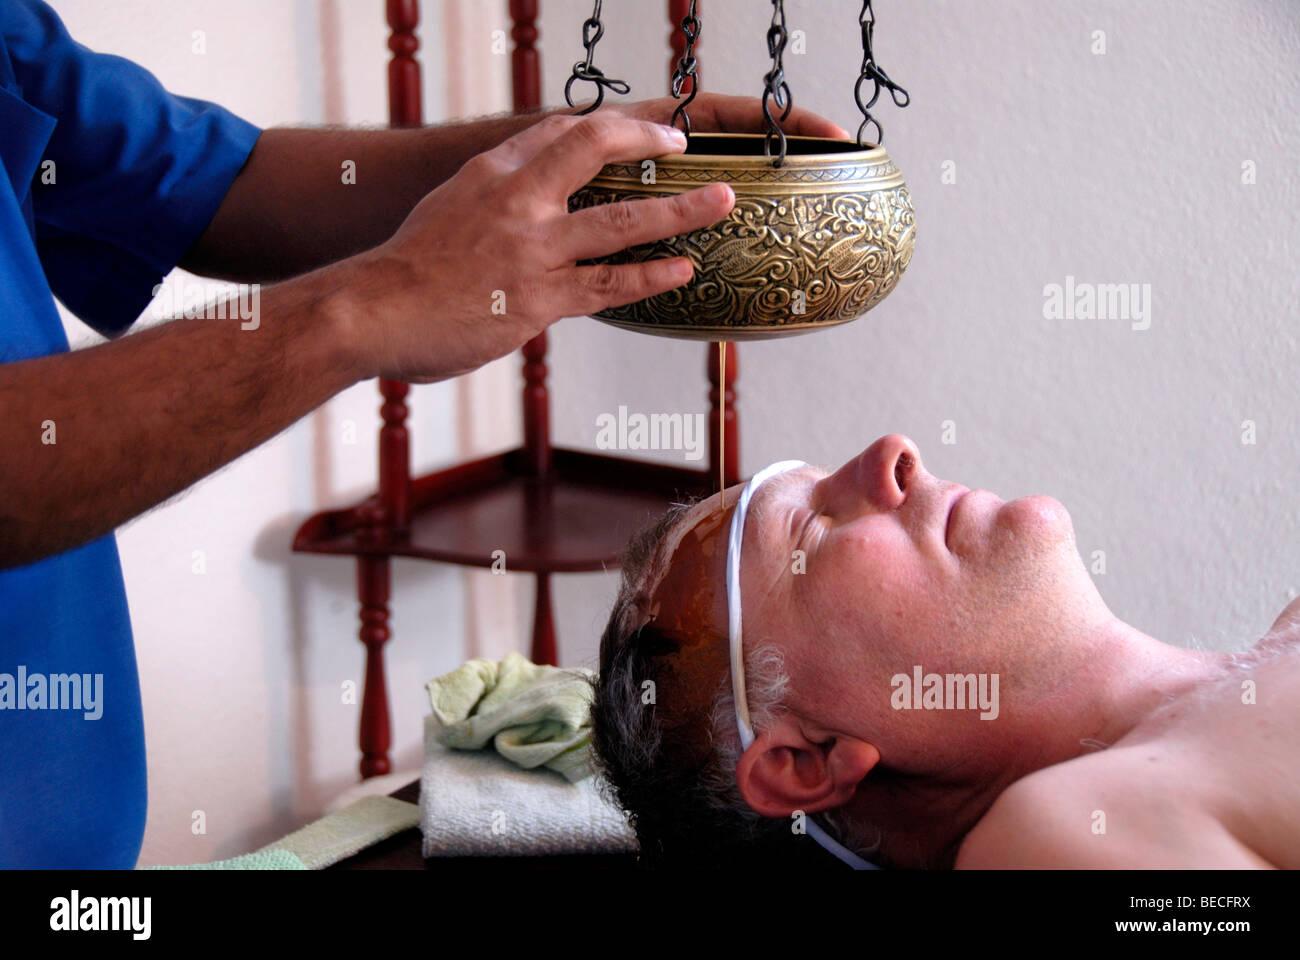 El Panchakarma, Shirodhara, caliente el aceite a través de la frente de un hombre, el Surya Lanka Beach Resort Spa Ayurveda, Talalla, Ceilán, S Foto de stock